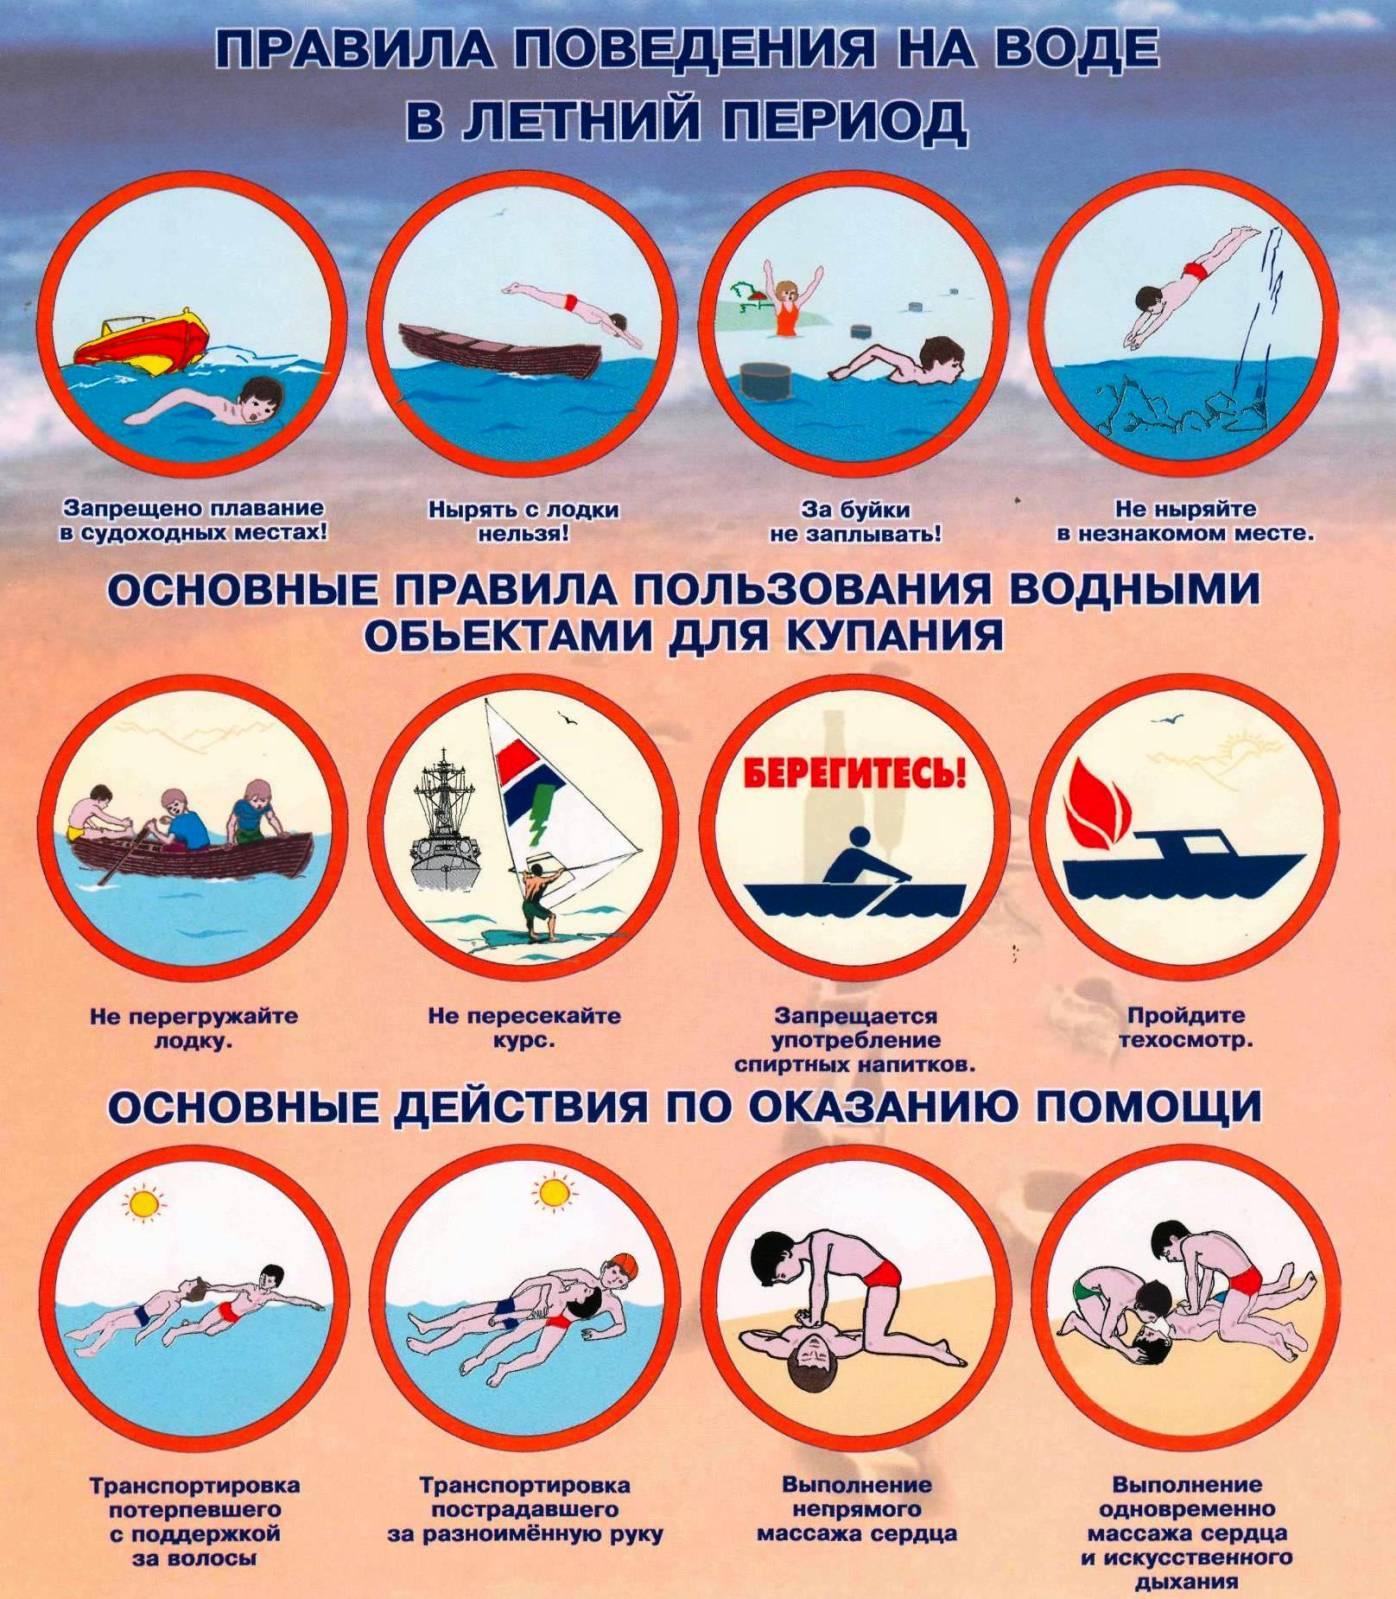 Памятка о безопасности на водоёмах в летний период. Основные ...